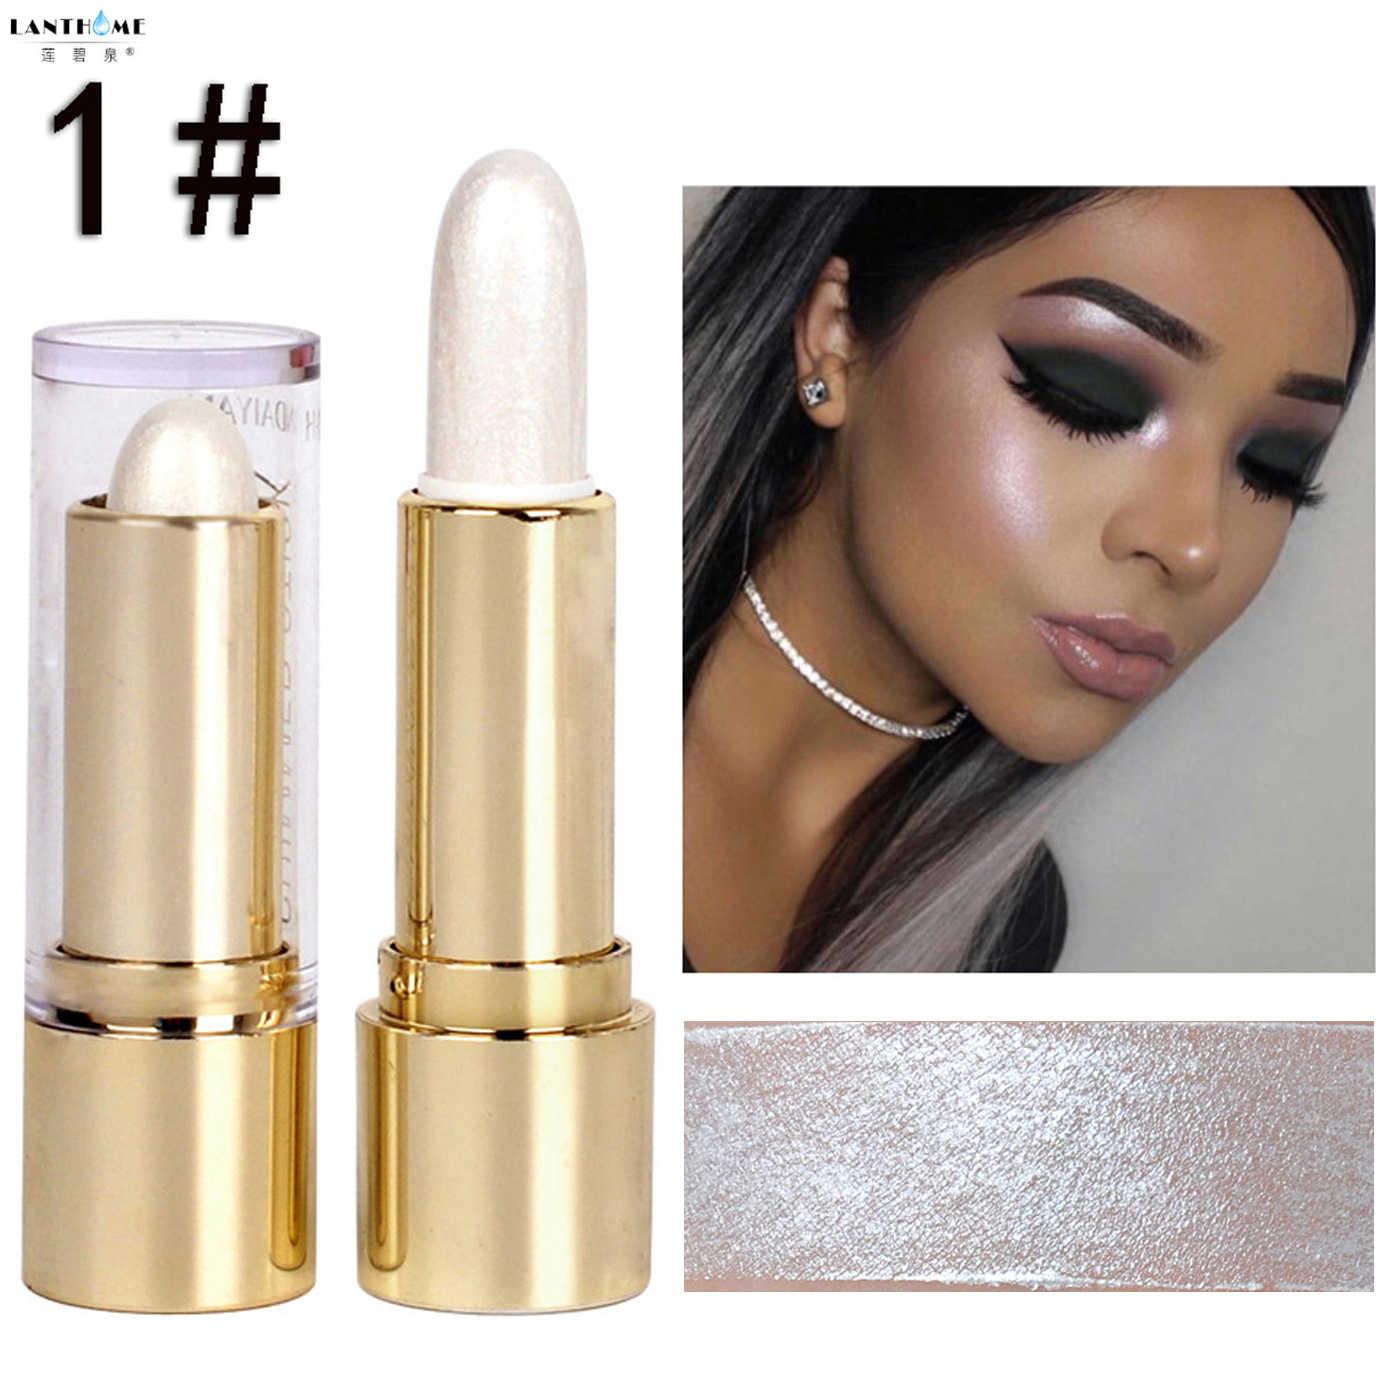 Makeup Stabilo Stick Shimmer Bubuk Krim Wanita Make-Up Kosmetik Fashion Menerangi Cahaya Wajah Specular Bubuk